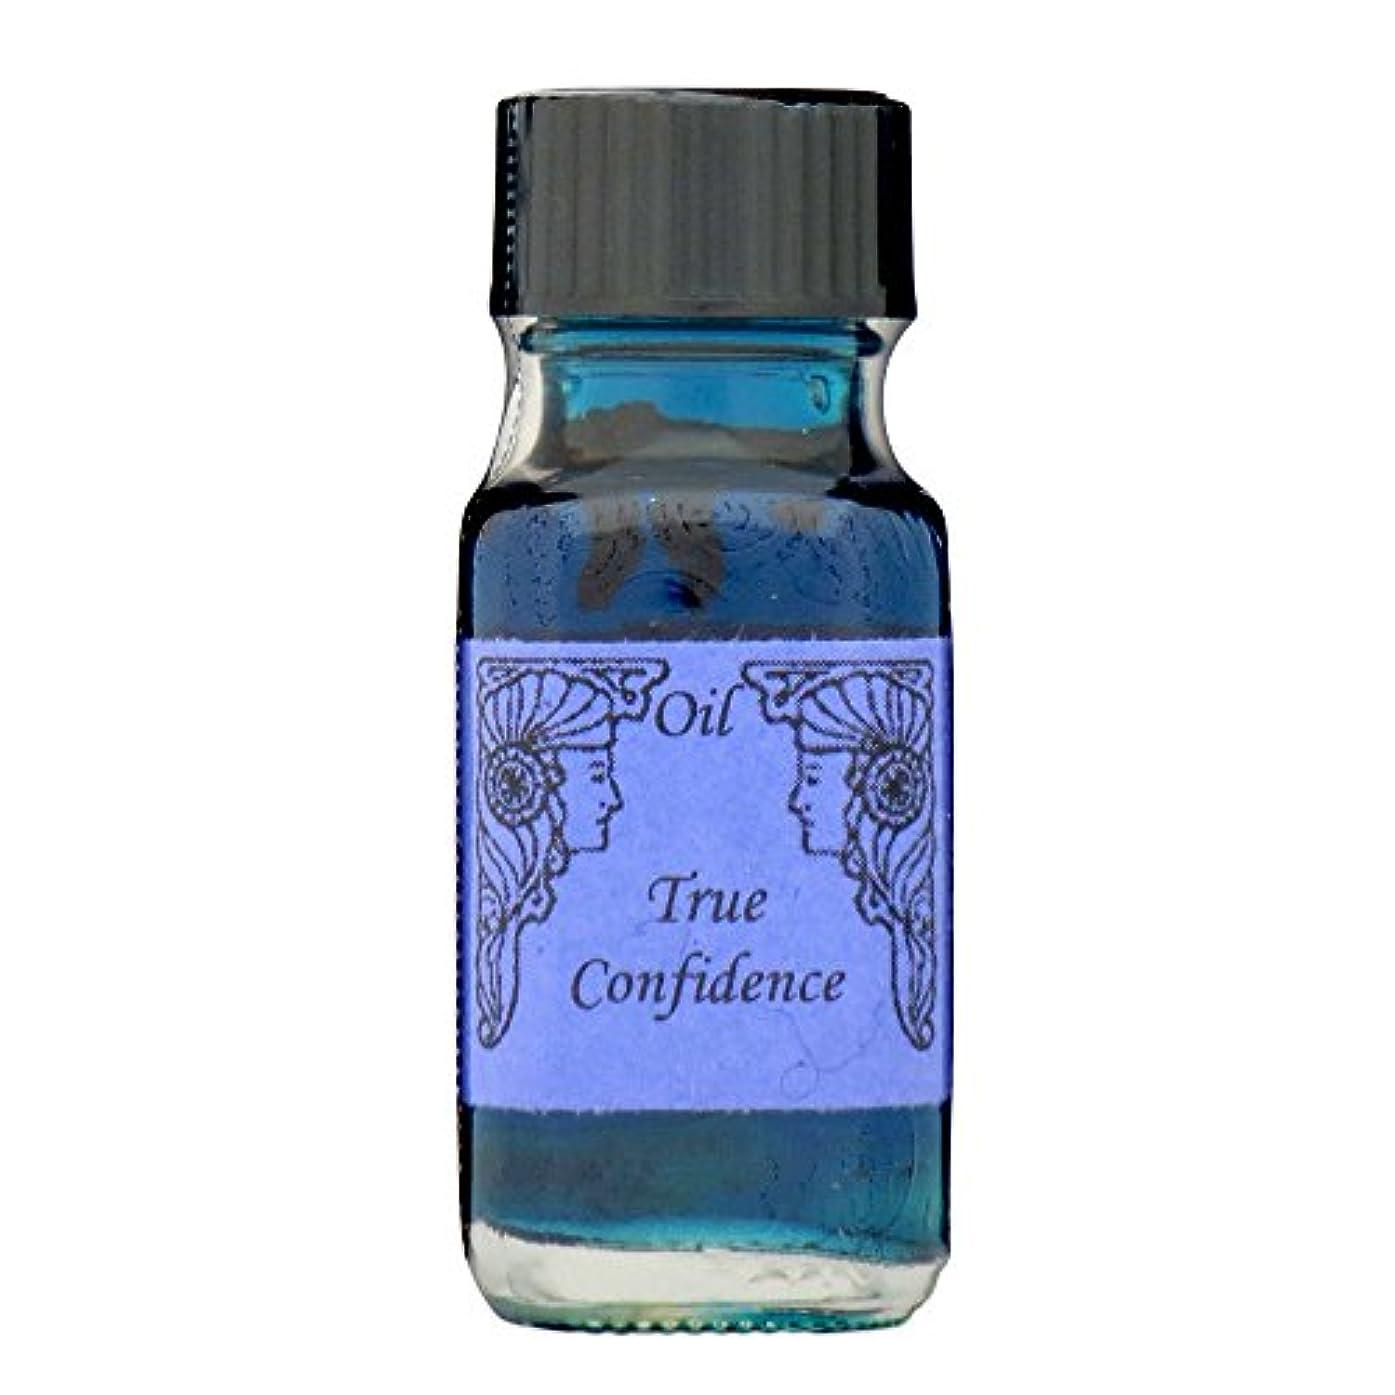 ストレス本当のことを言うと本当のことを言うとアンシェントメモリーオイル トゥルーコンフィデンス (真の自信) 15ml (Ancient Memory Oils)